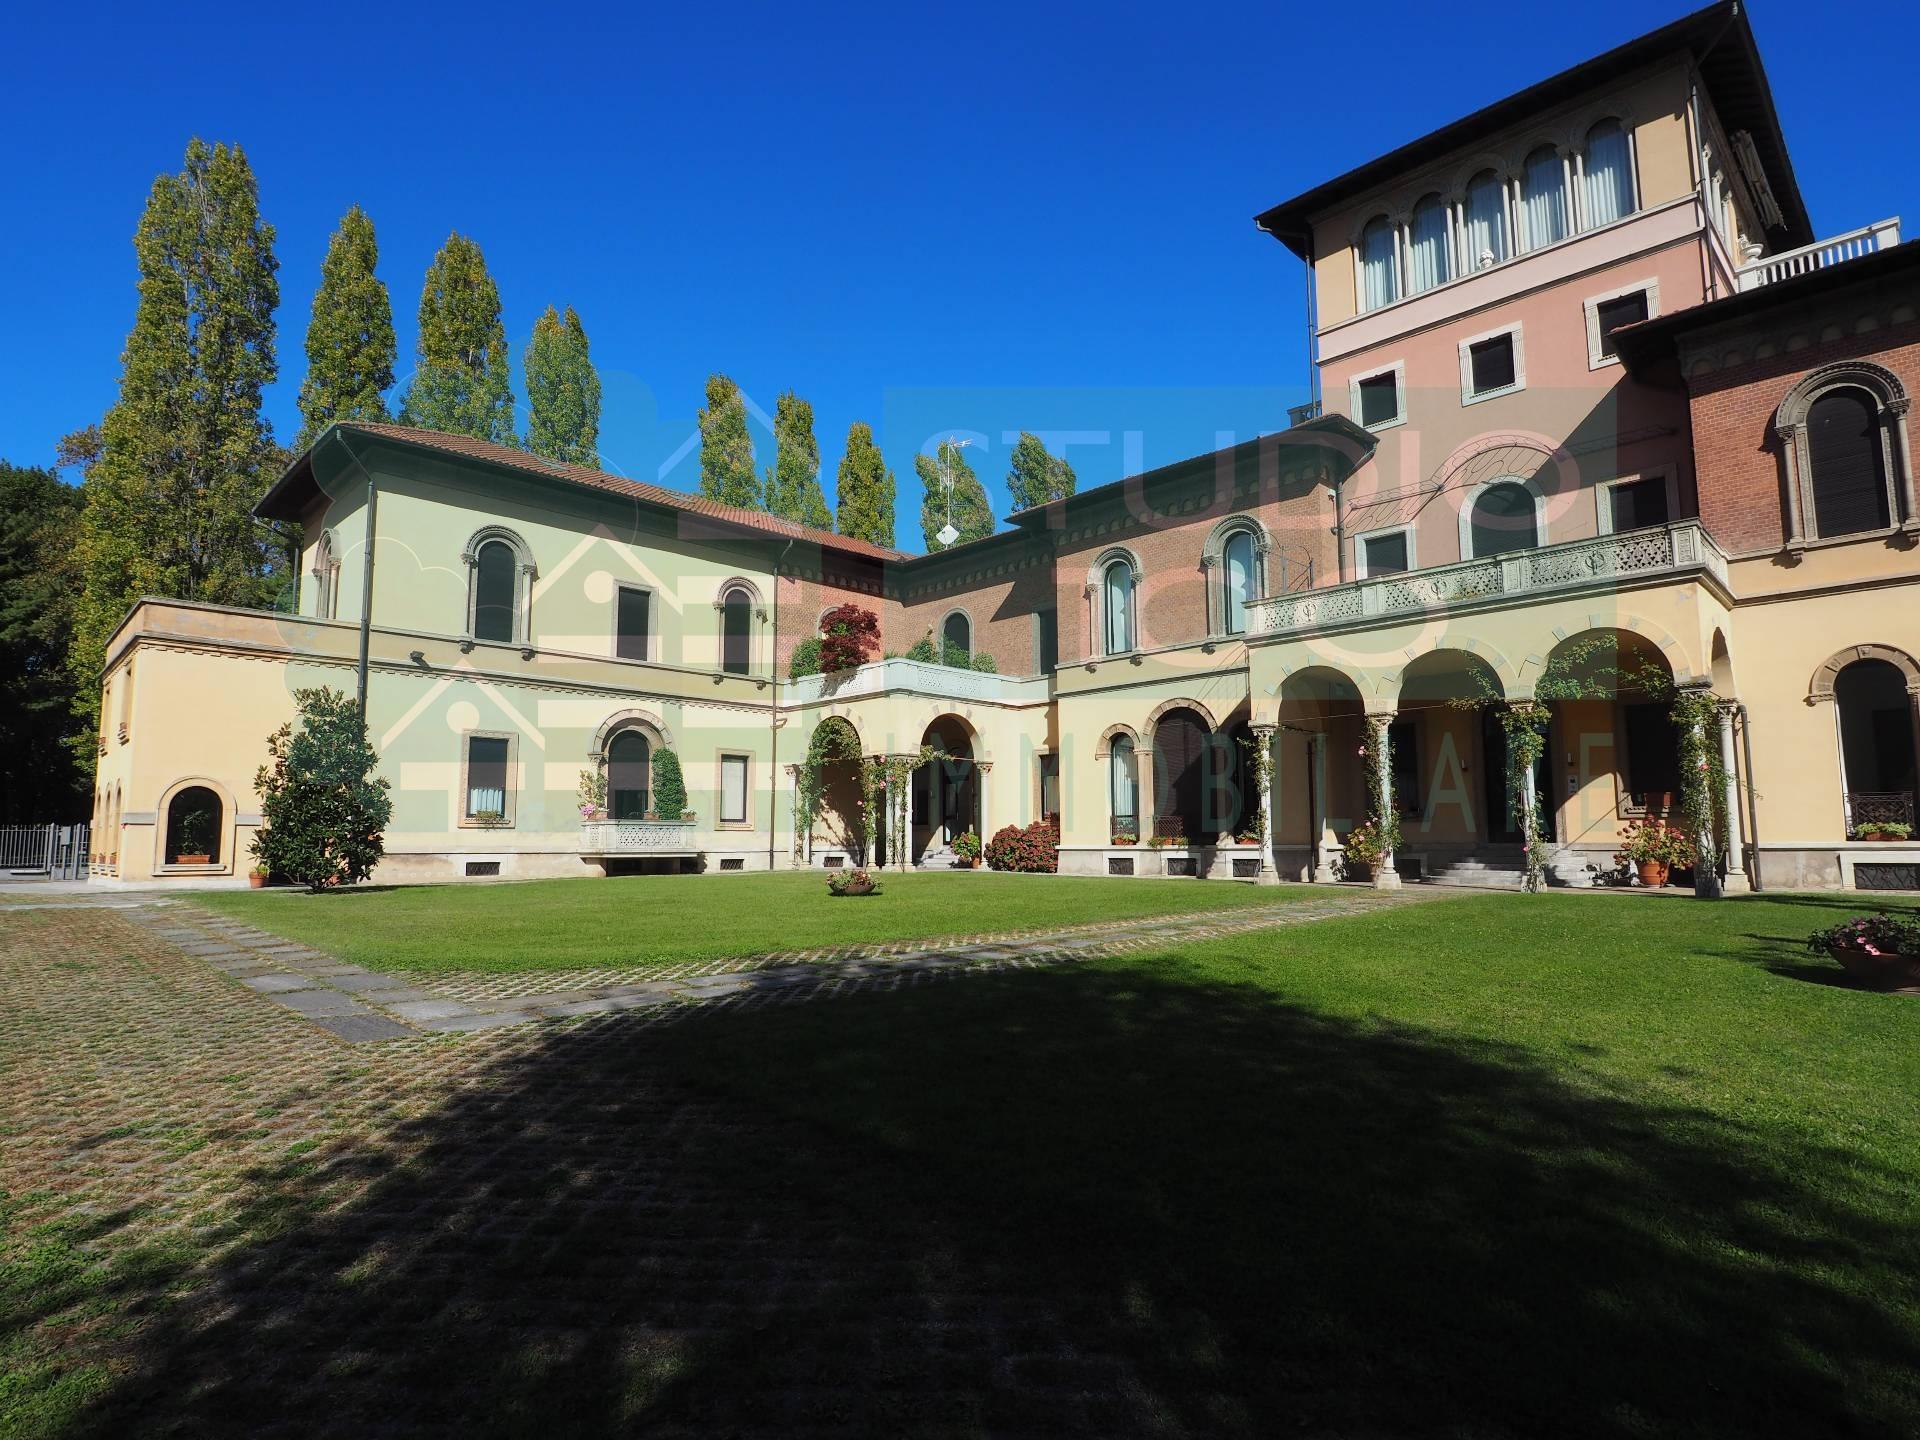 Appartamento in affitto a Gallarate, 4 locali, zona Zona: Ronchi, prezzo € 1.700 | CambioCasa.it